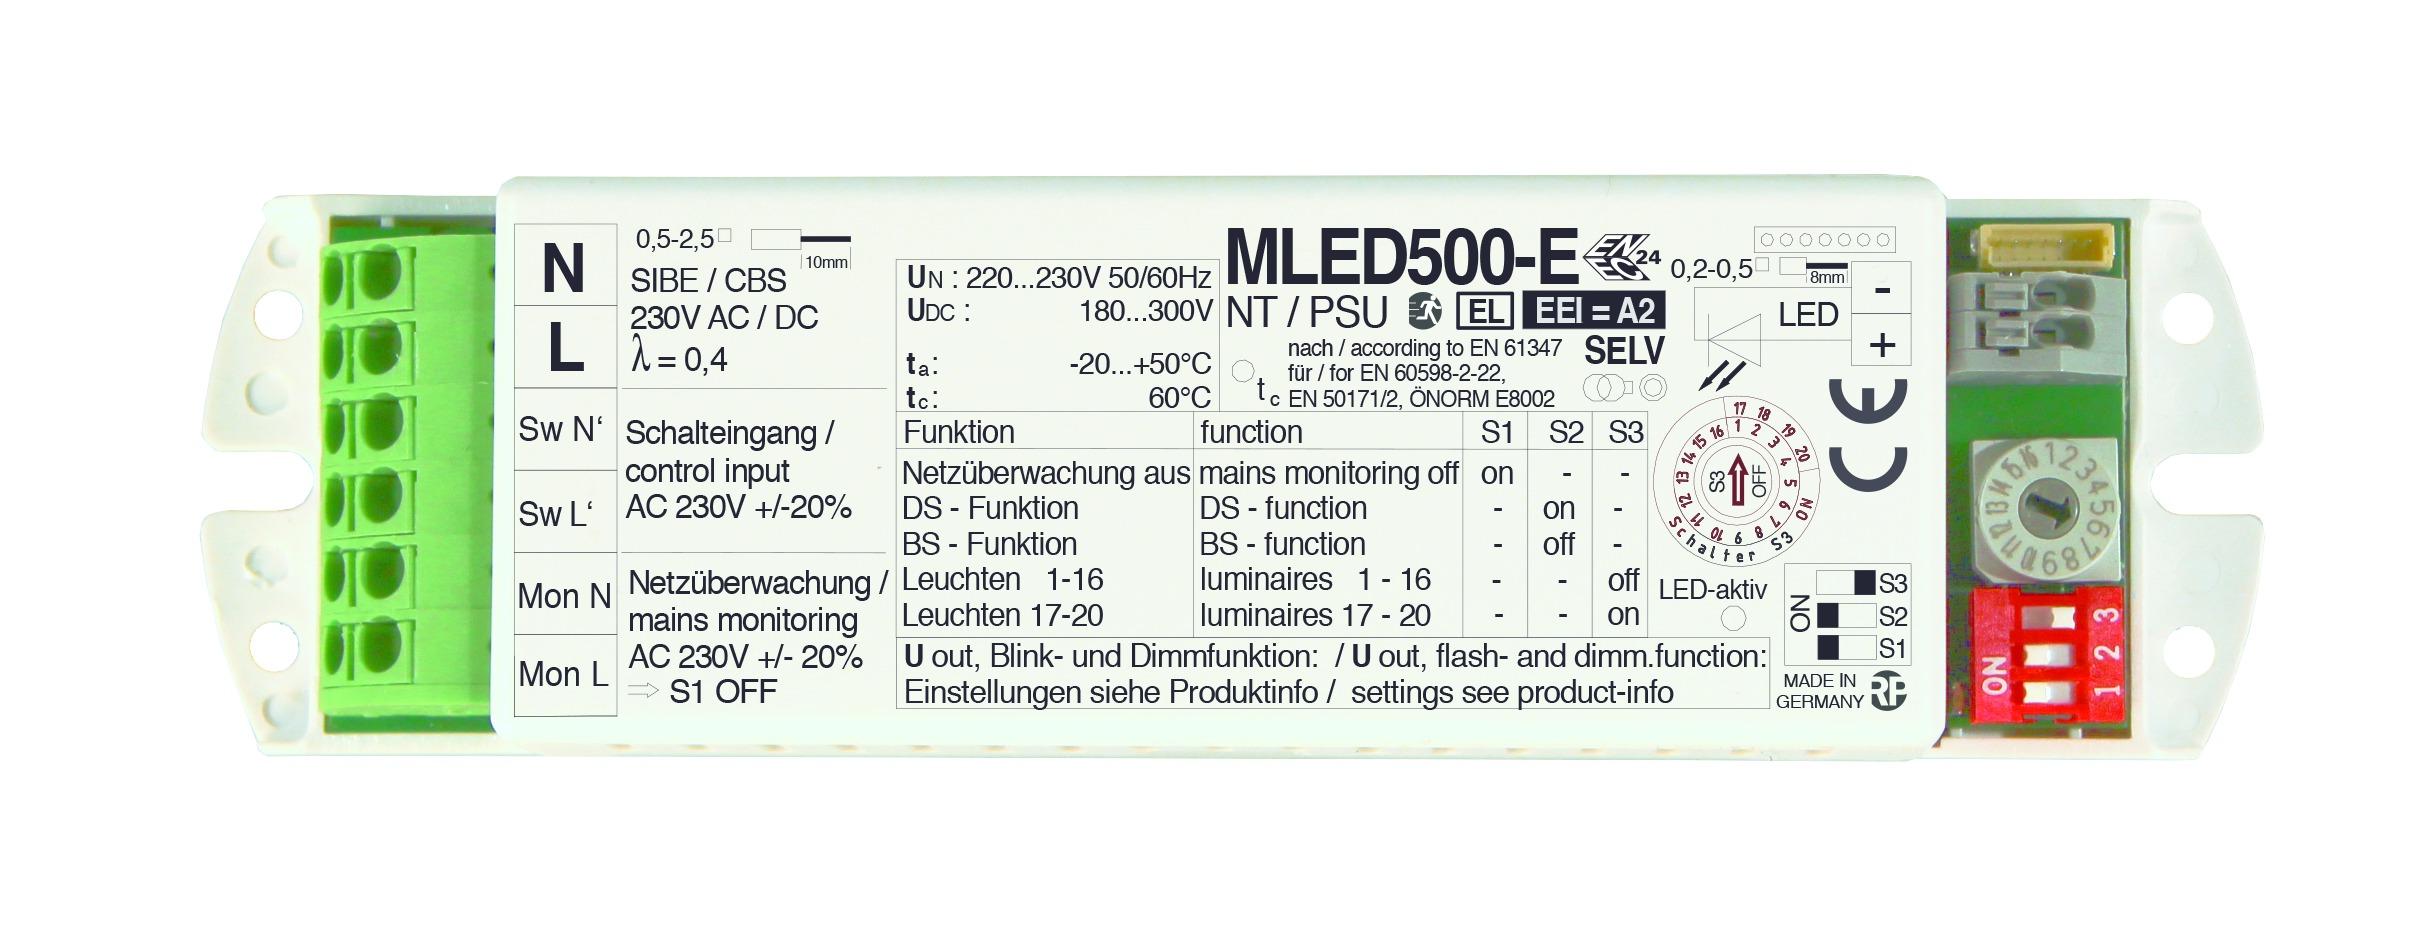 Componente de sistem / EVG / Baterii27213